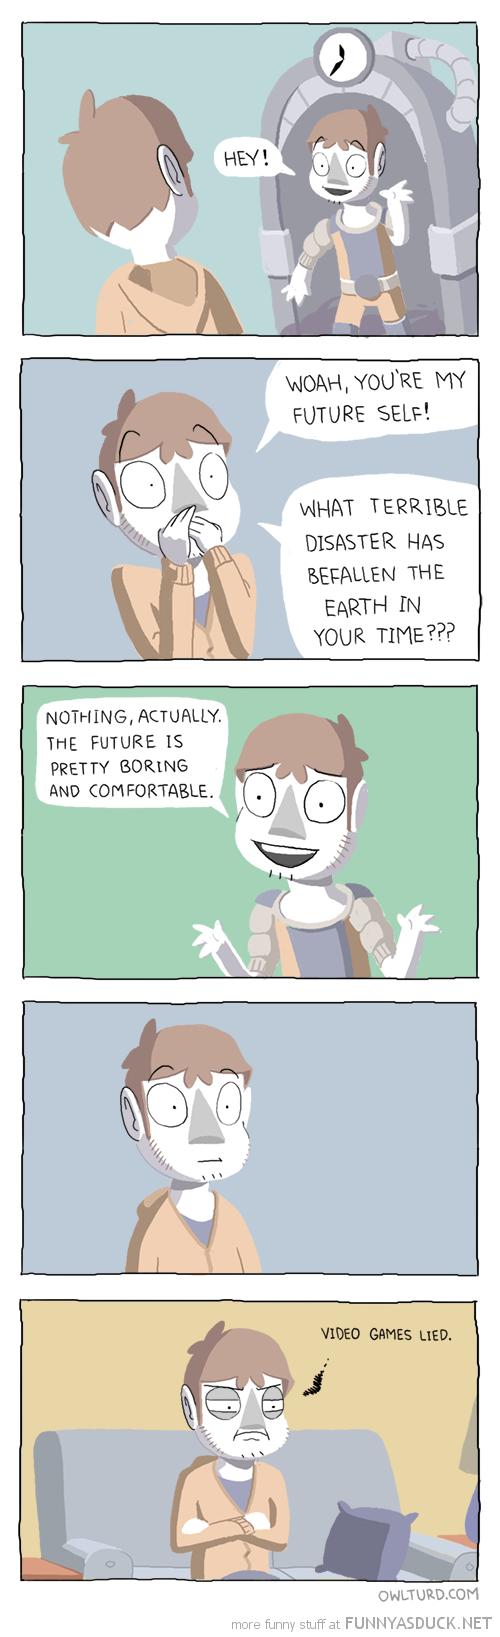 Damn Video Games